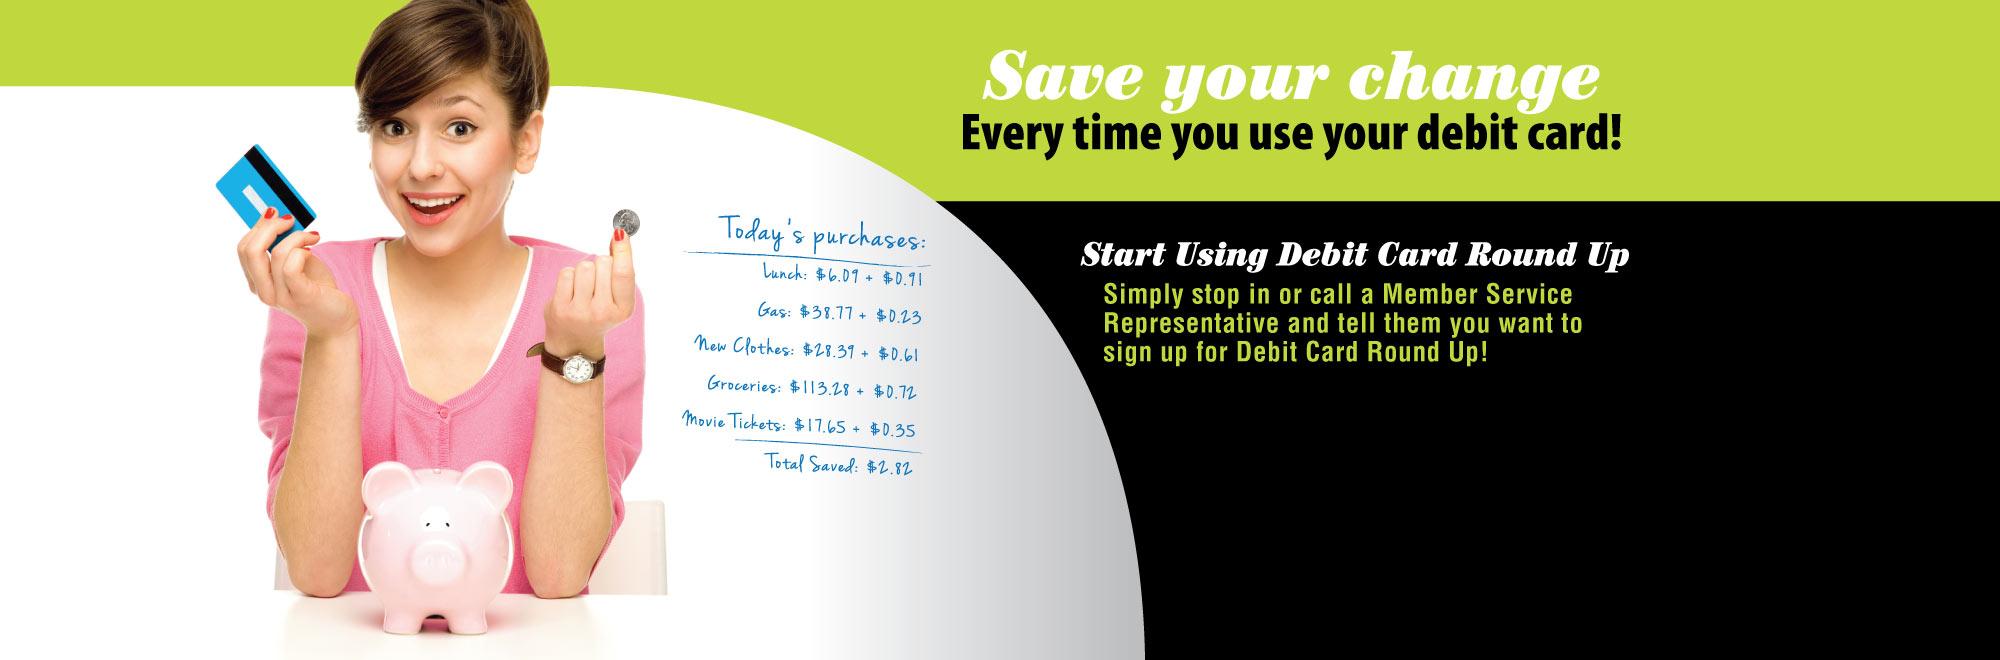 Debit Card Roundup